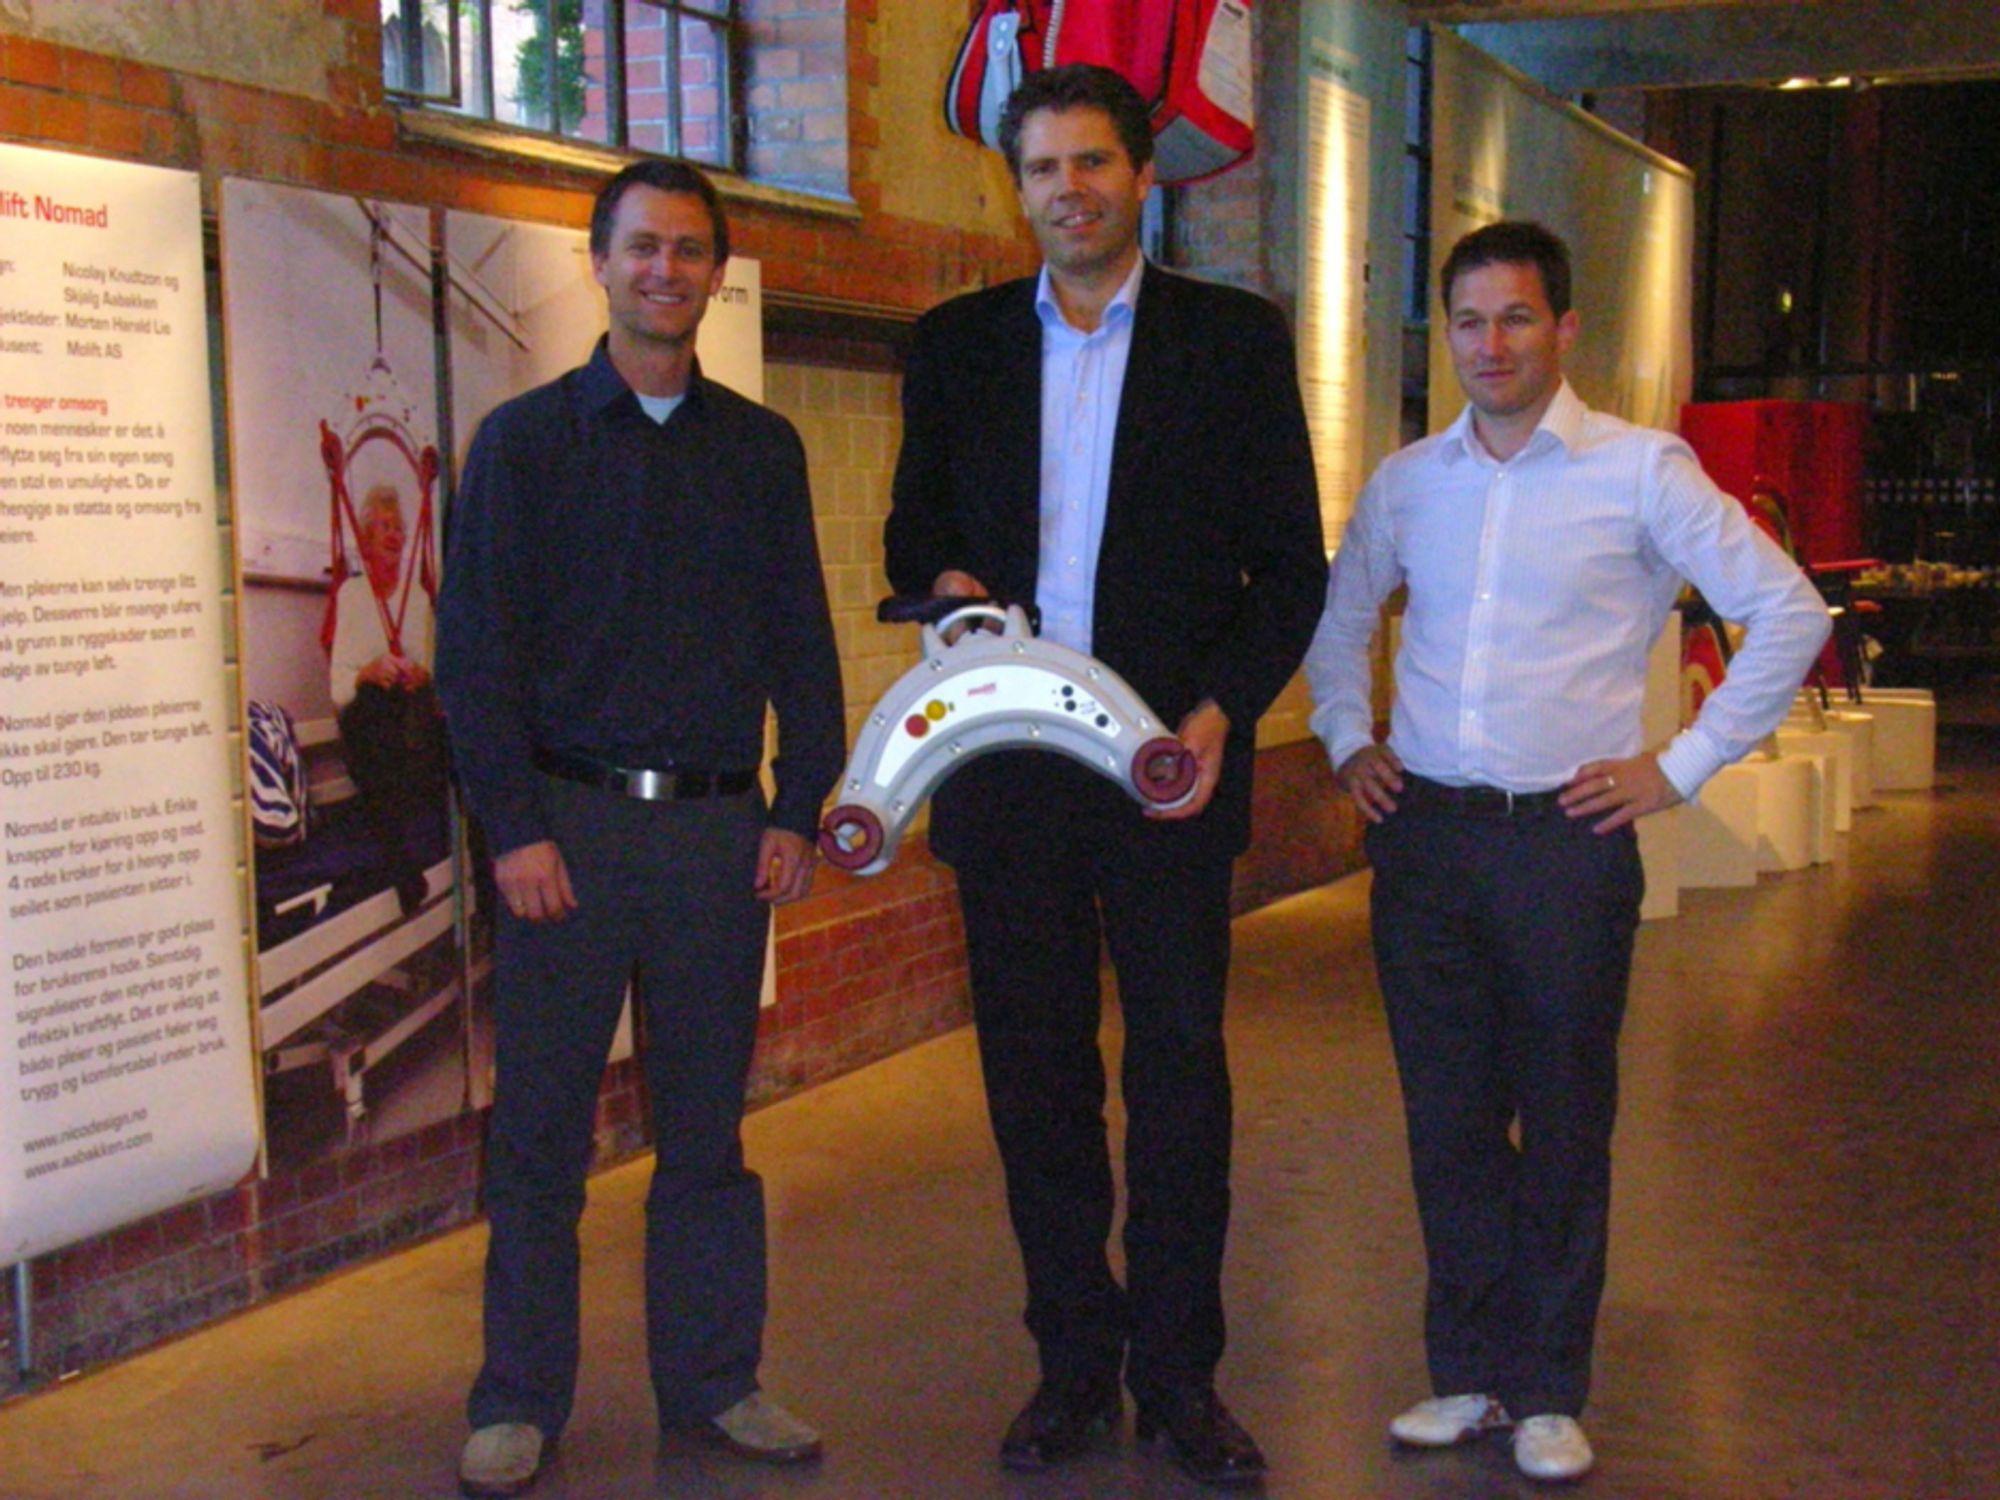 LØFTEREN: Nicolay Knudtzon fra Nicodesign (midten) viser frem løfteren på senteret for arkitektur og design. Fra venstre Skjalg Aabakken fra Aabakken Innovasjon & design og Geir Olav Farstad, daglig leder i Molift.